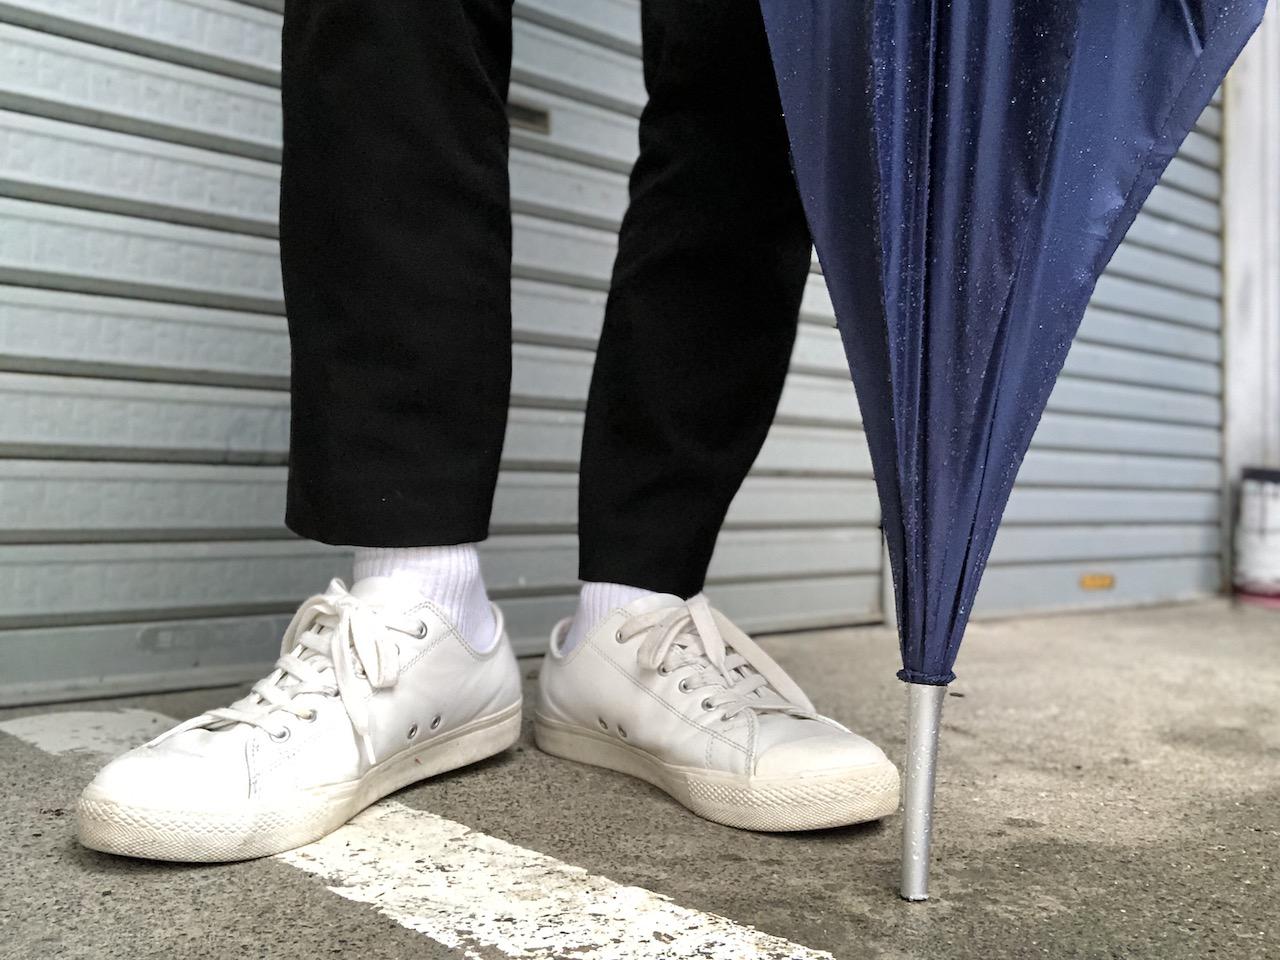 雨の路地裏、白靴下男子|白ソックス系男子